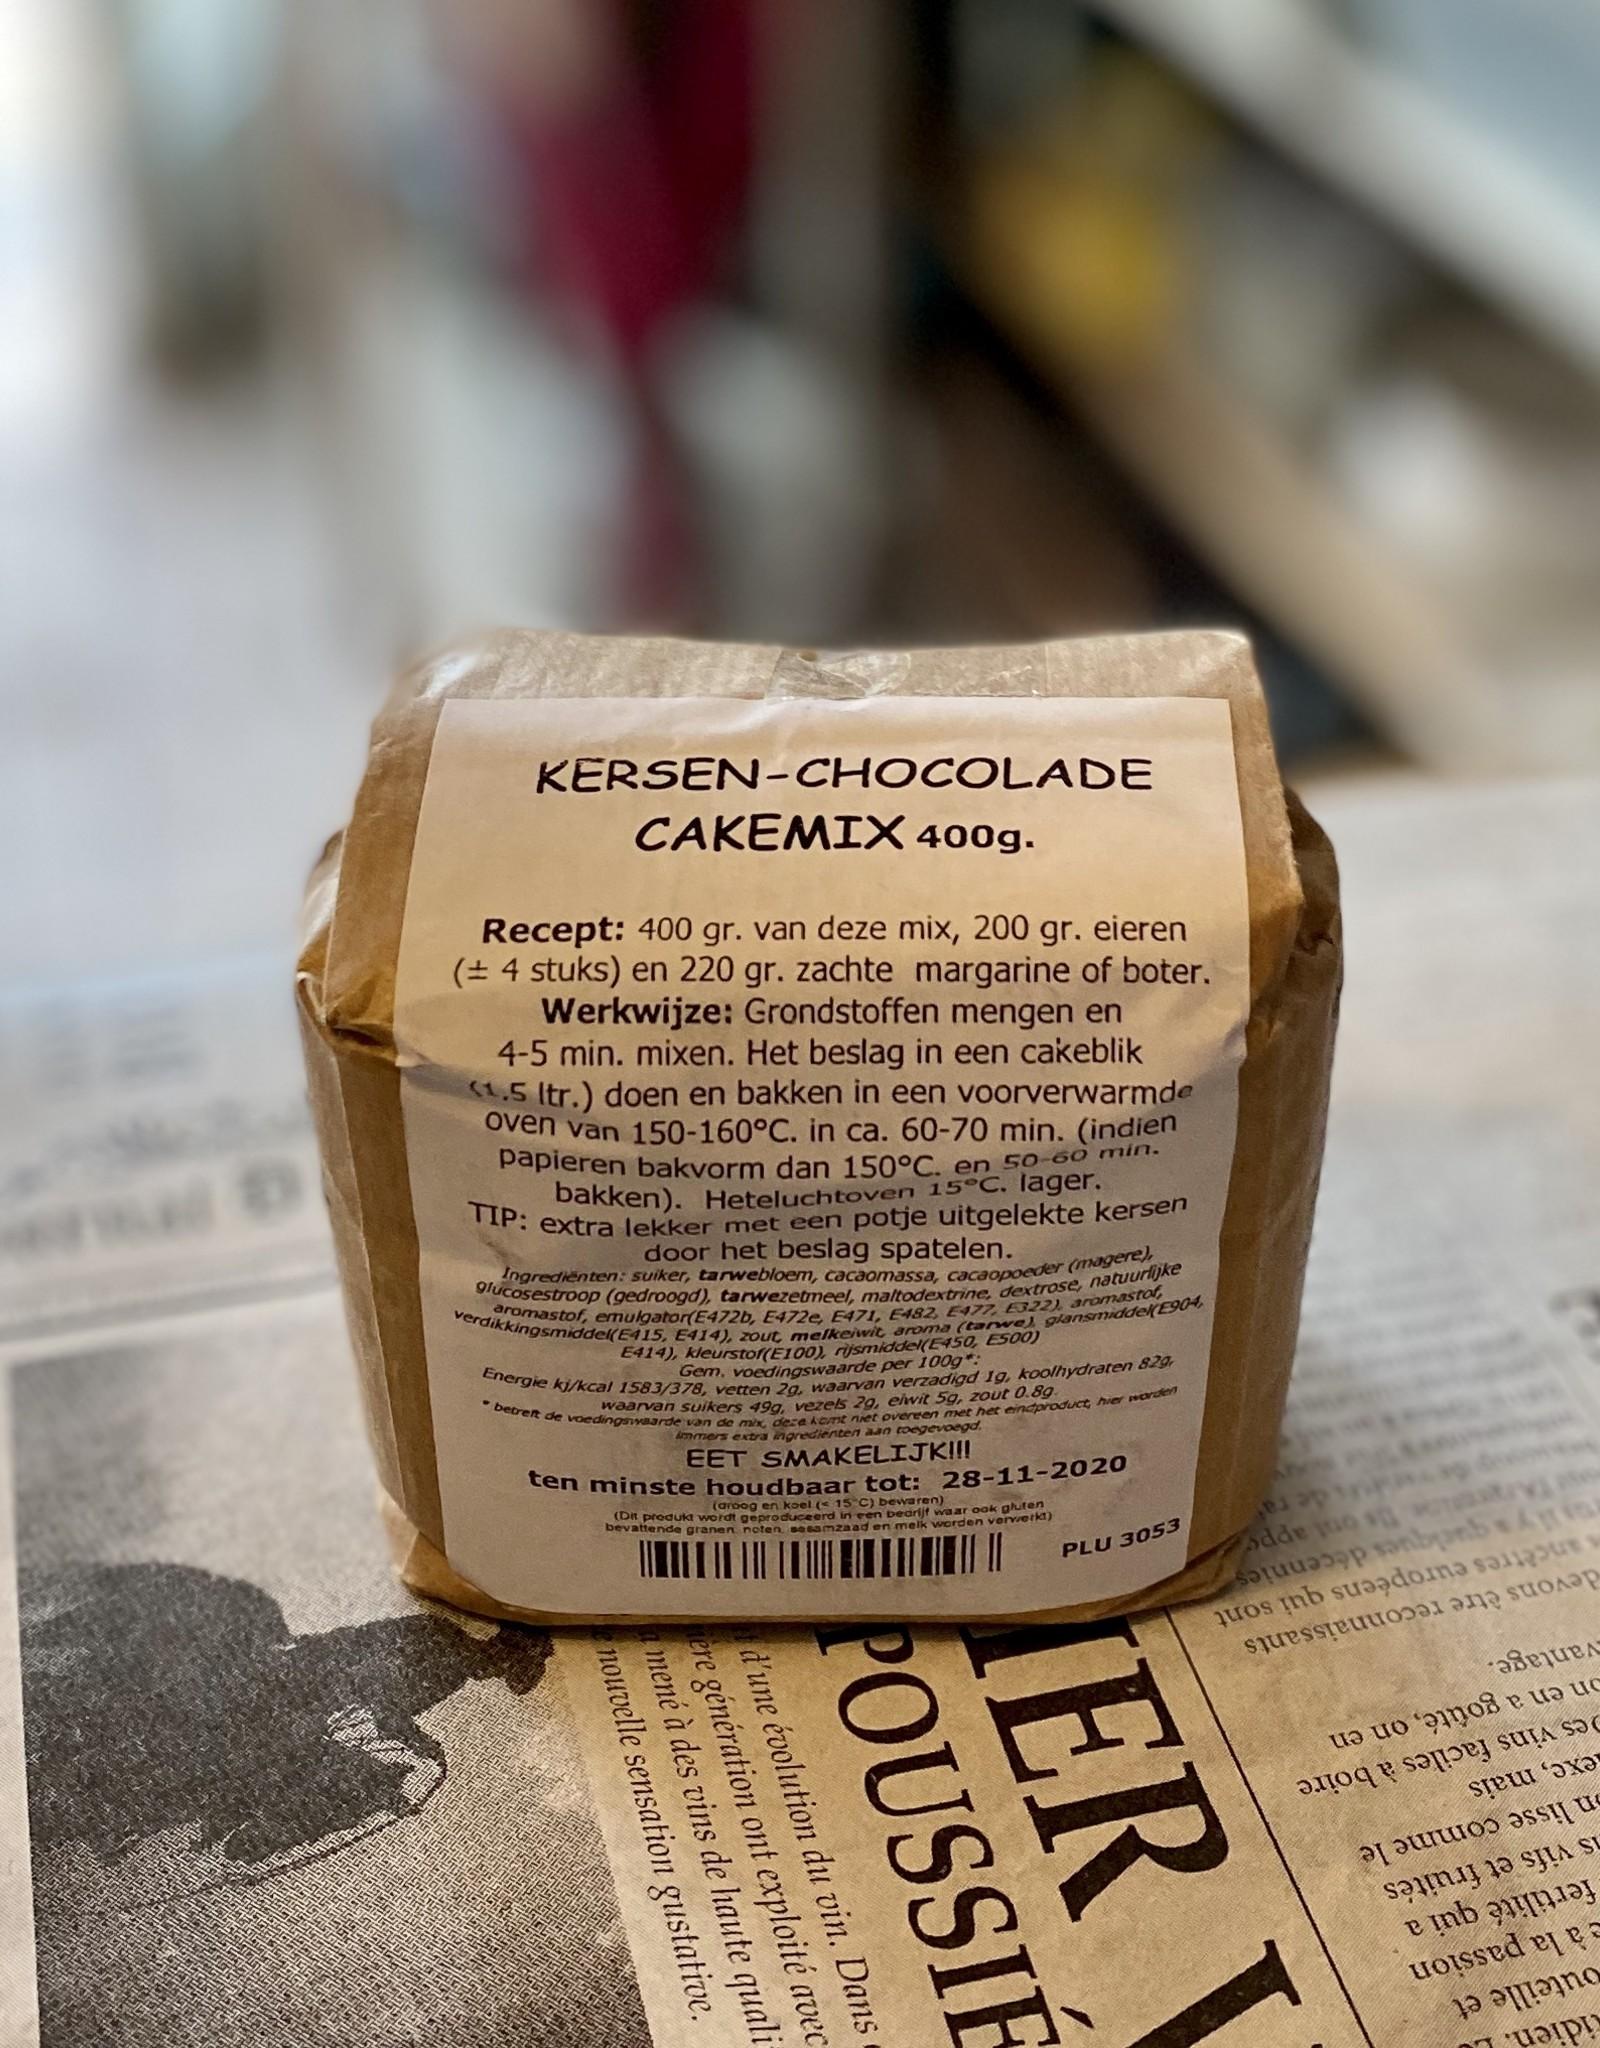 Grutterij Molen de Hoop Kersen Chocolade cakemix